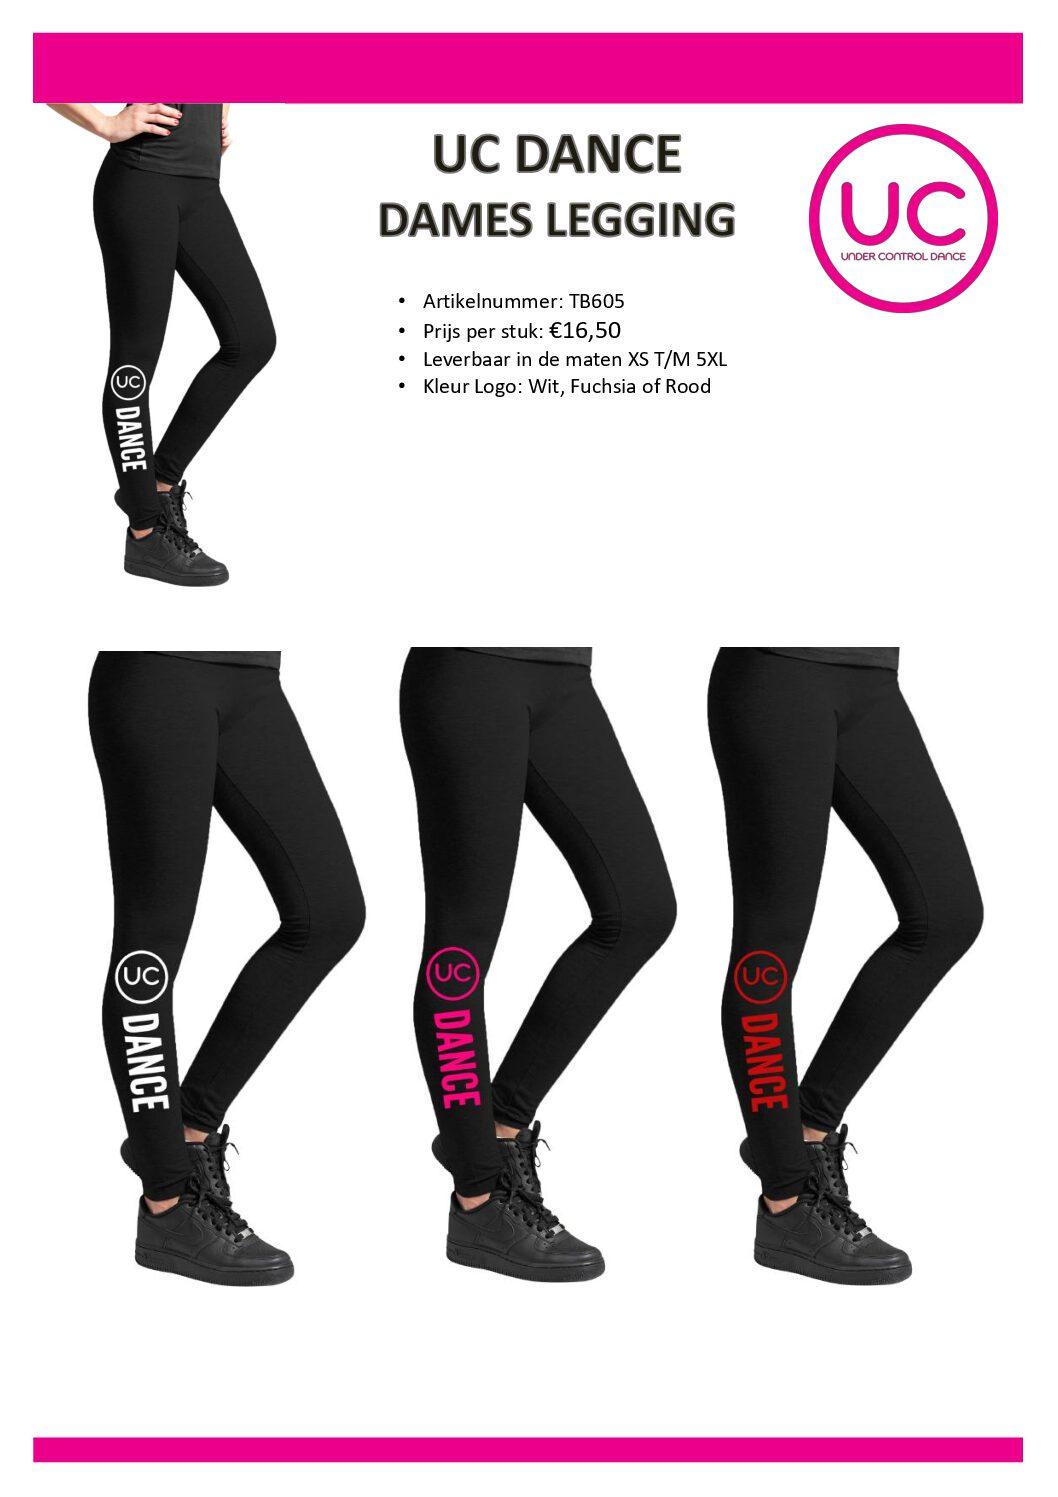 Dames Legging NIEUW